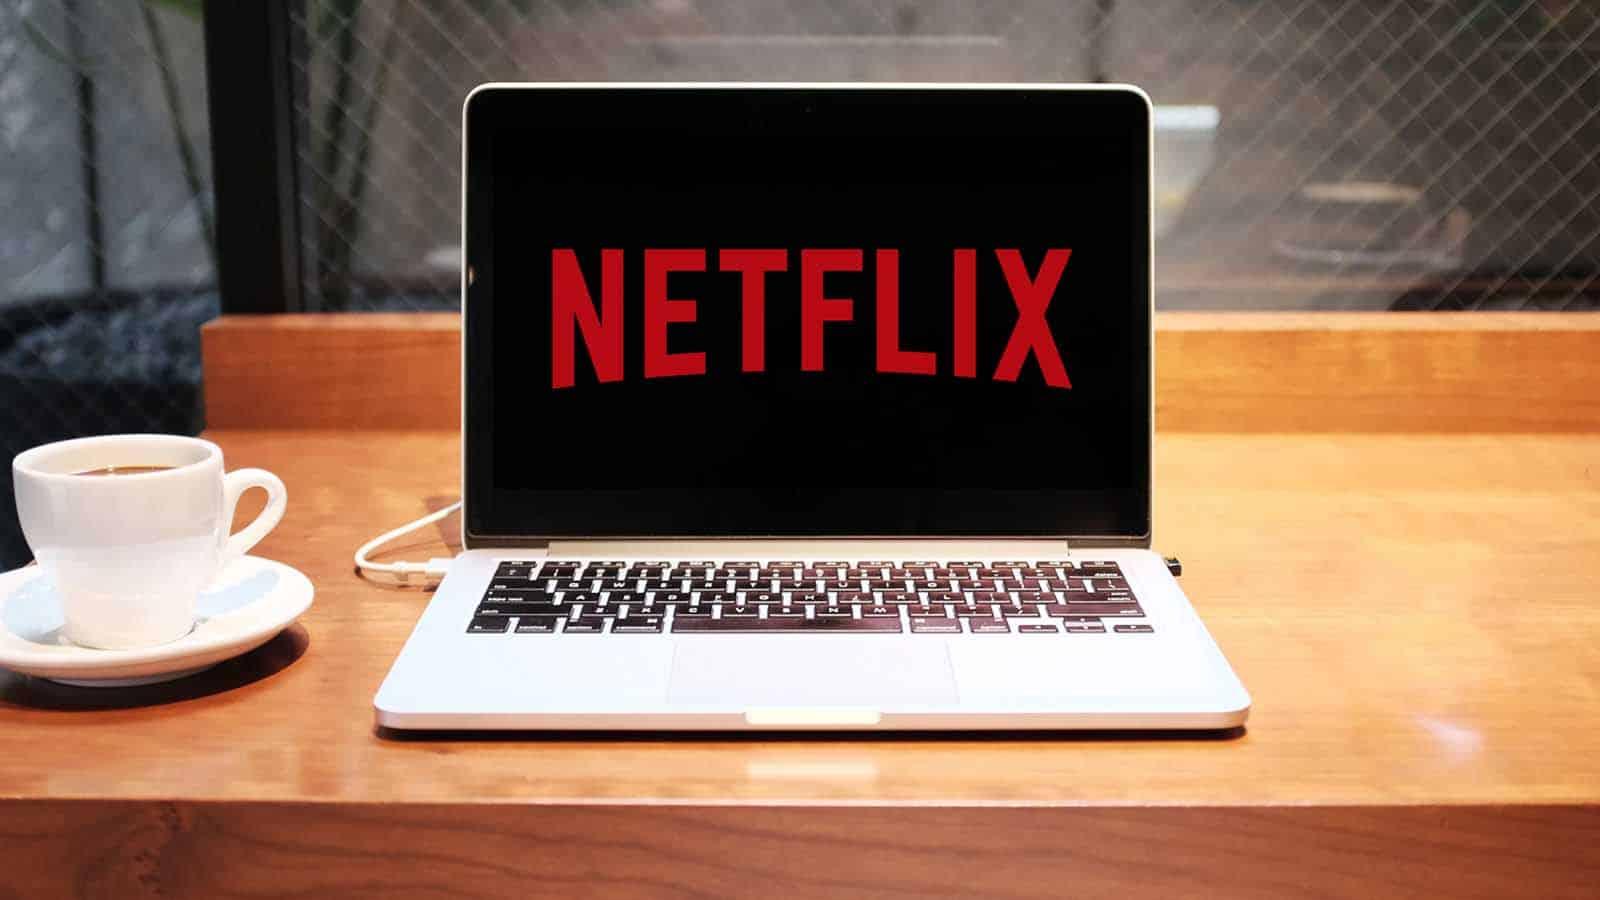 netflix on a macbook